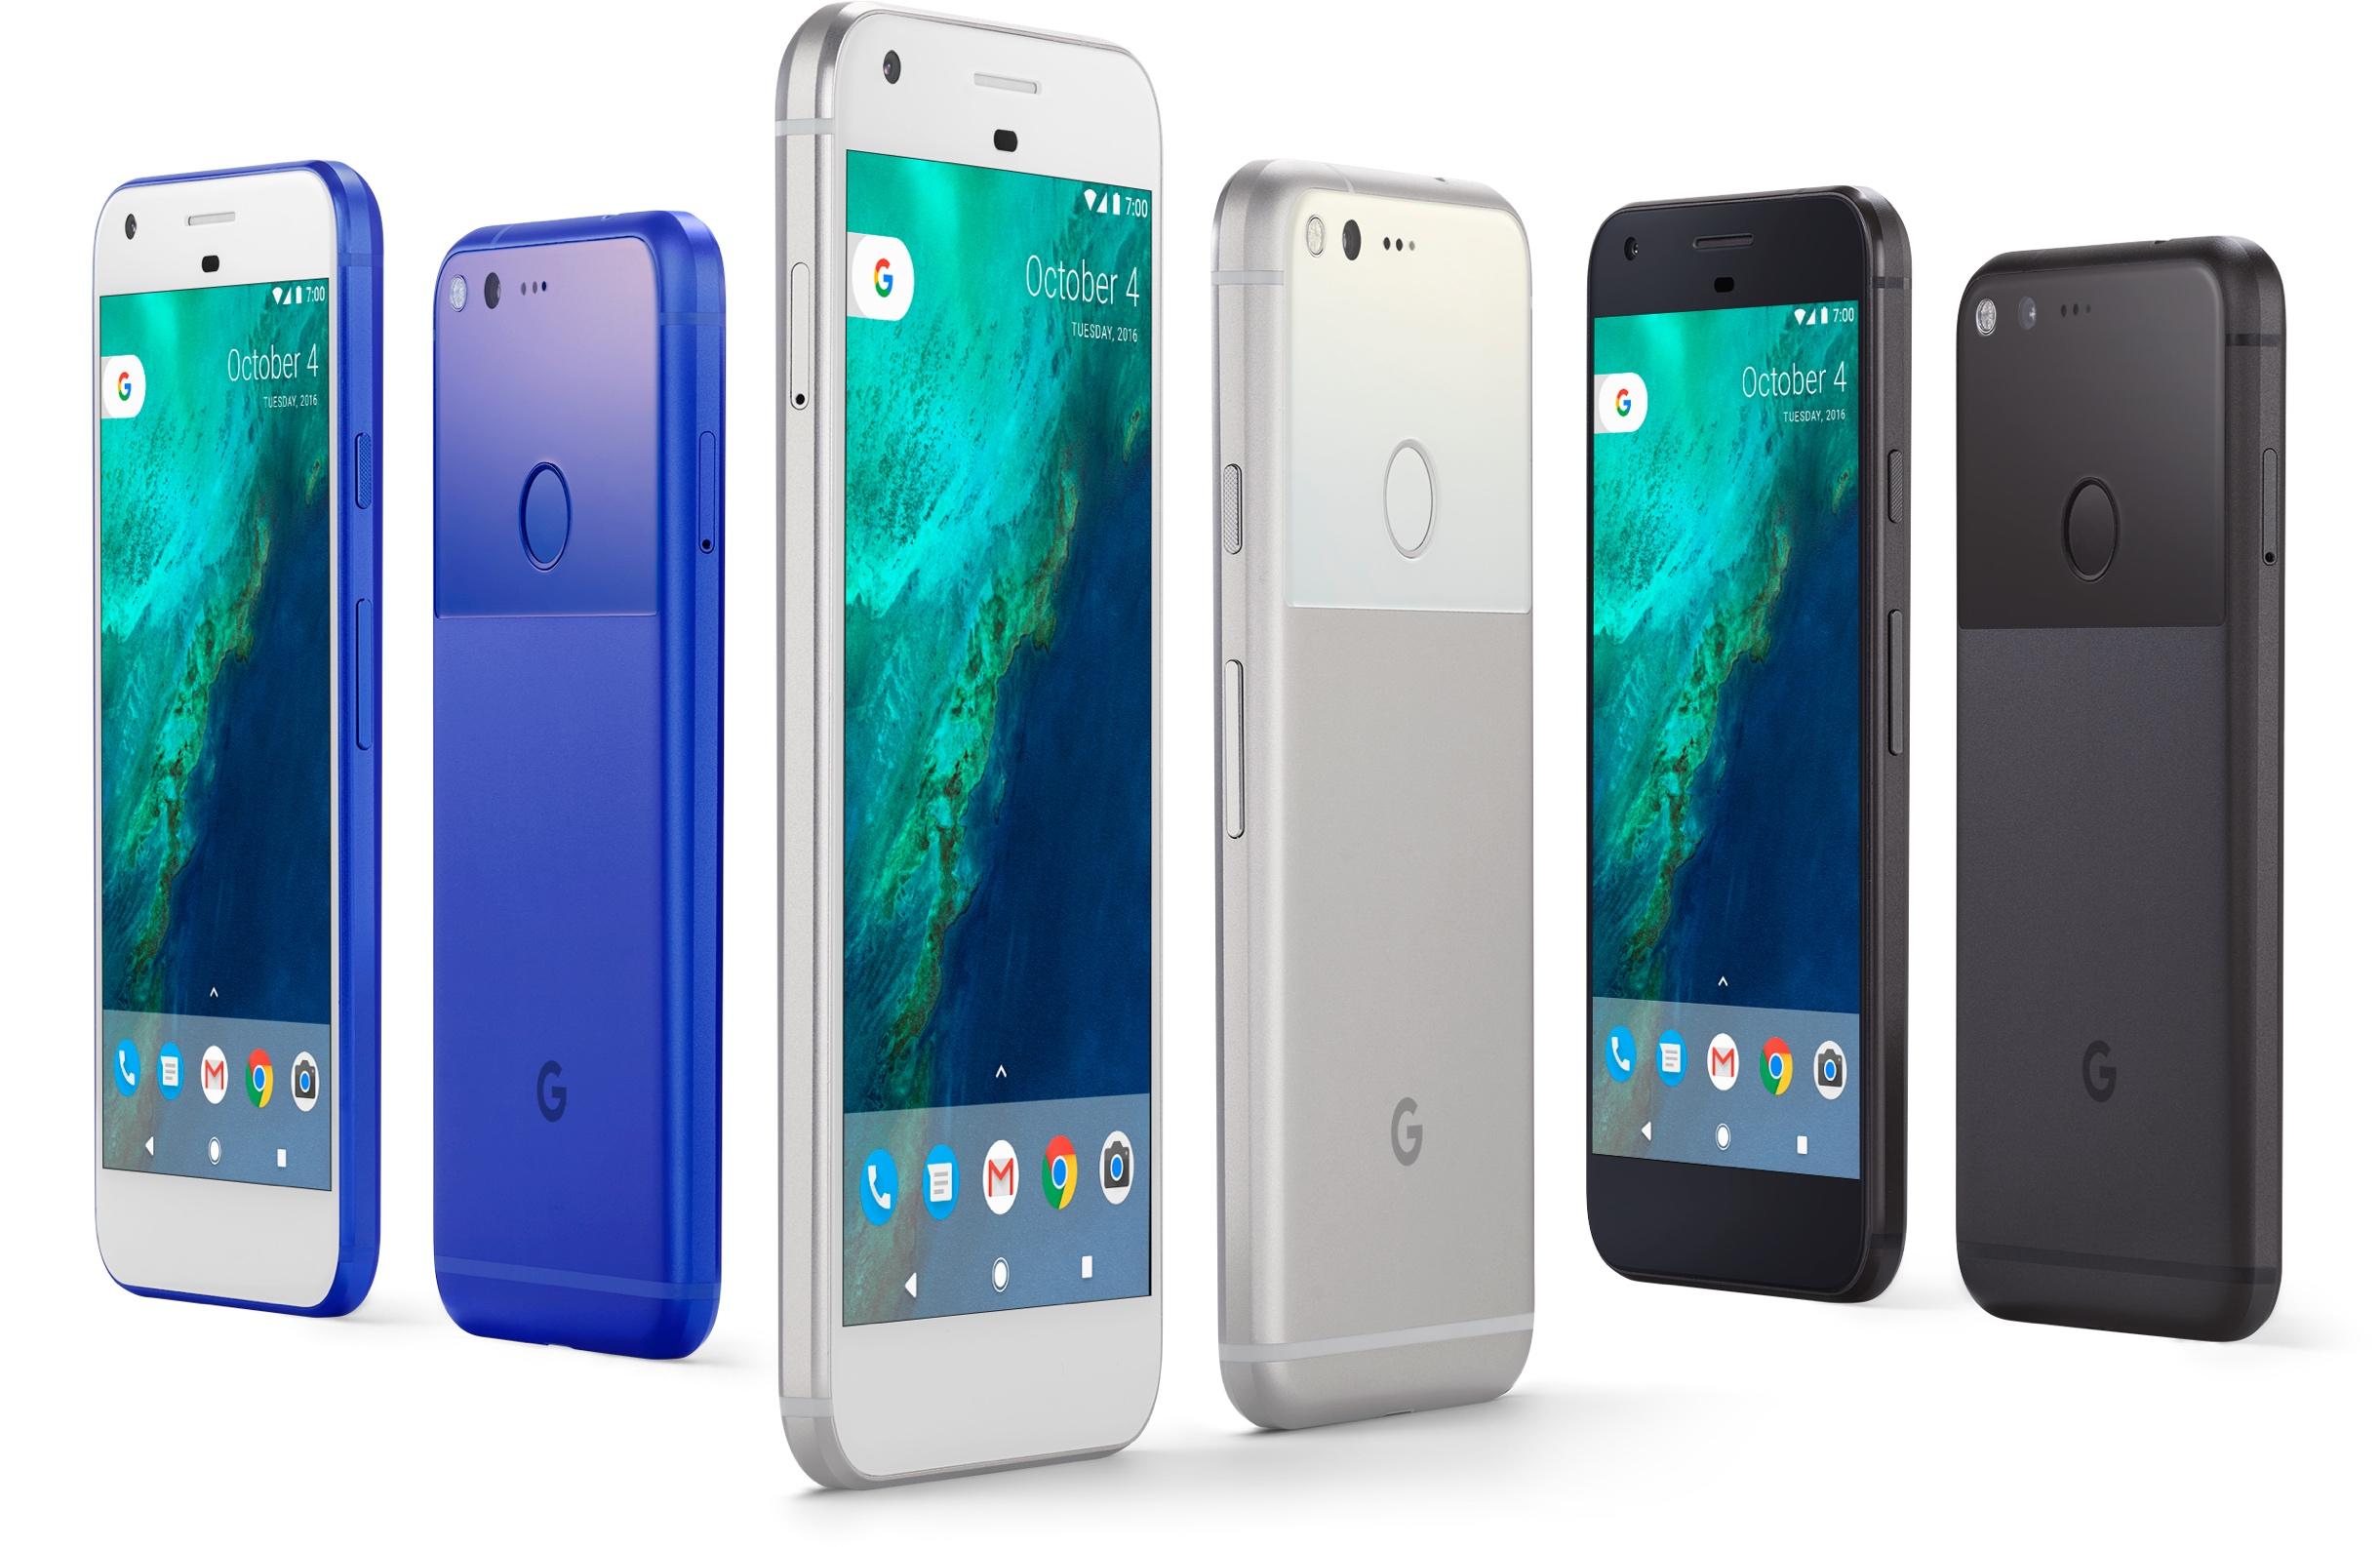 Google Pixel en los tres colores: azul, plata y negro